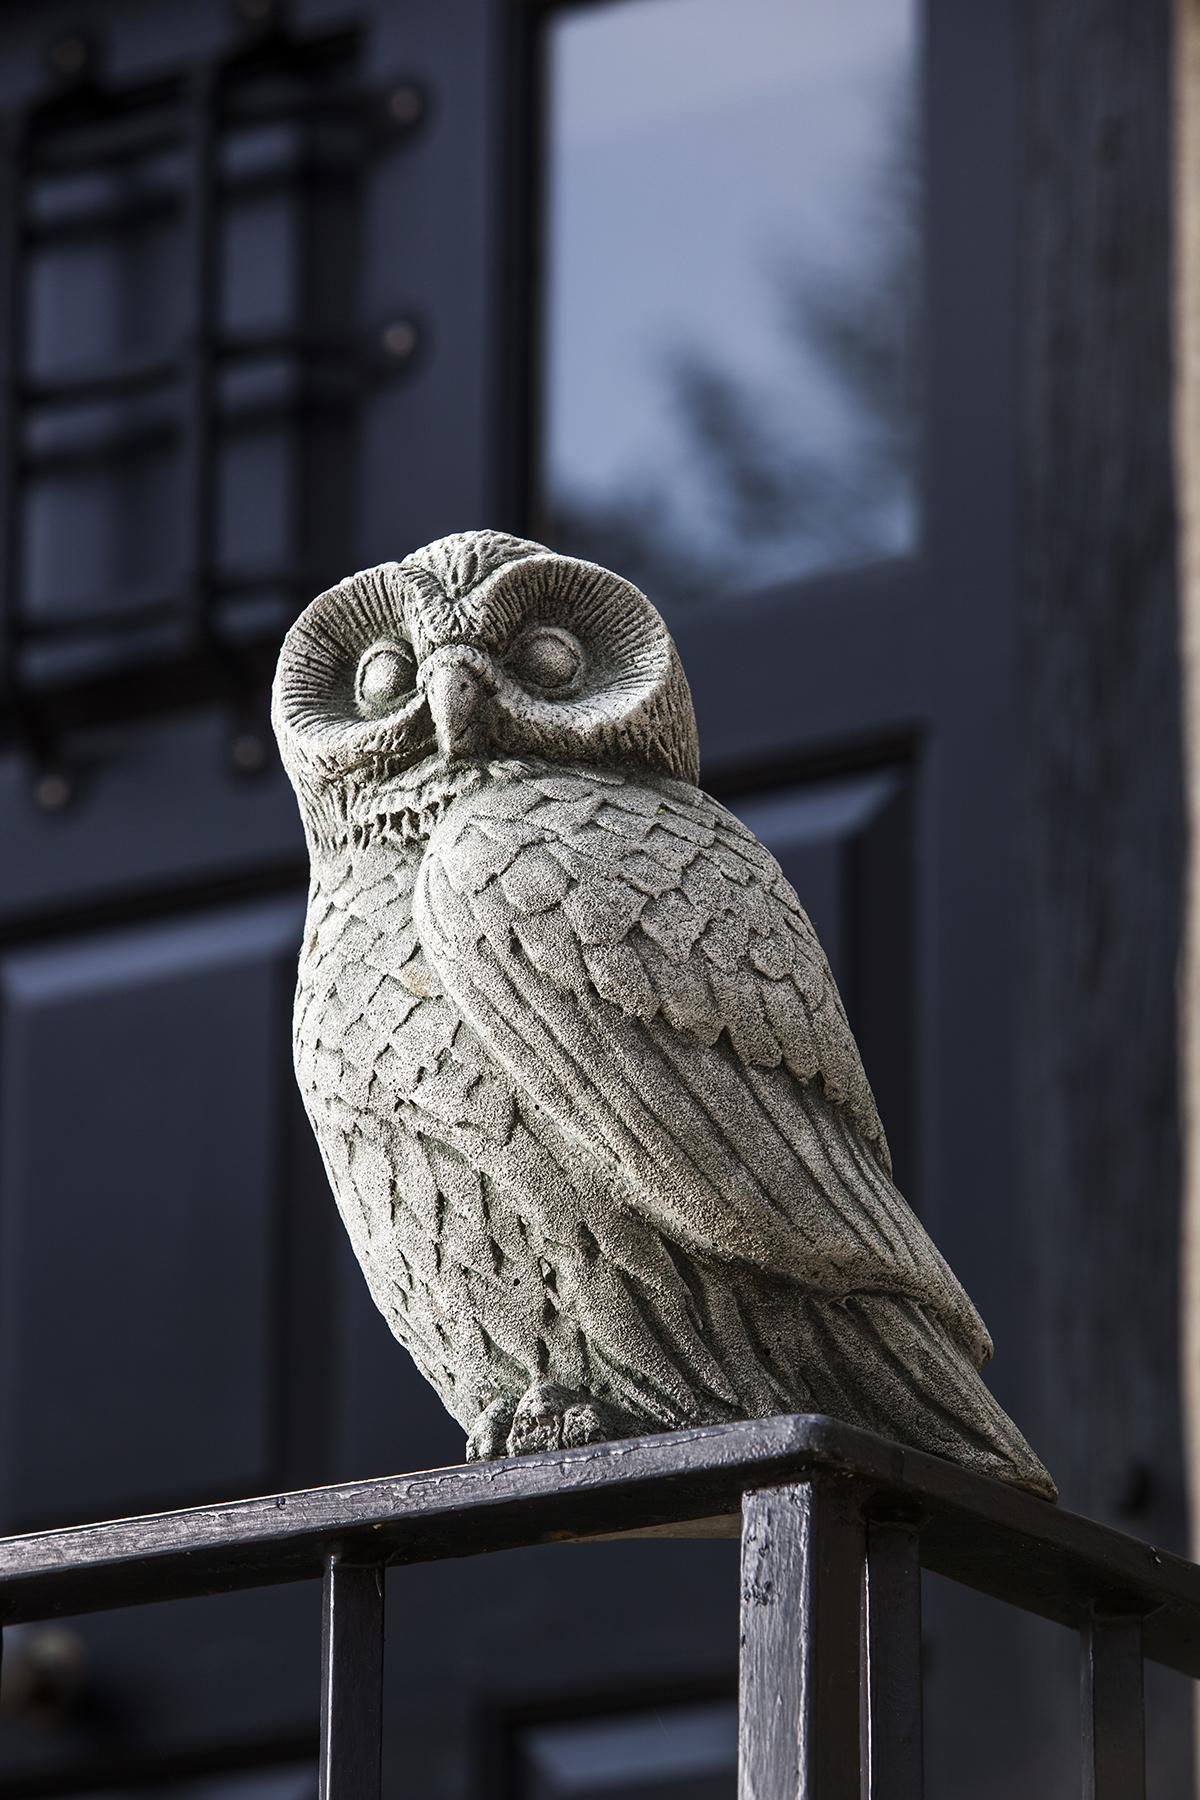 Barny the Owl